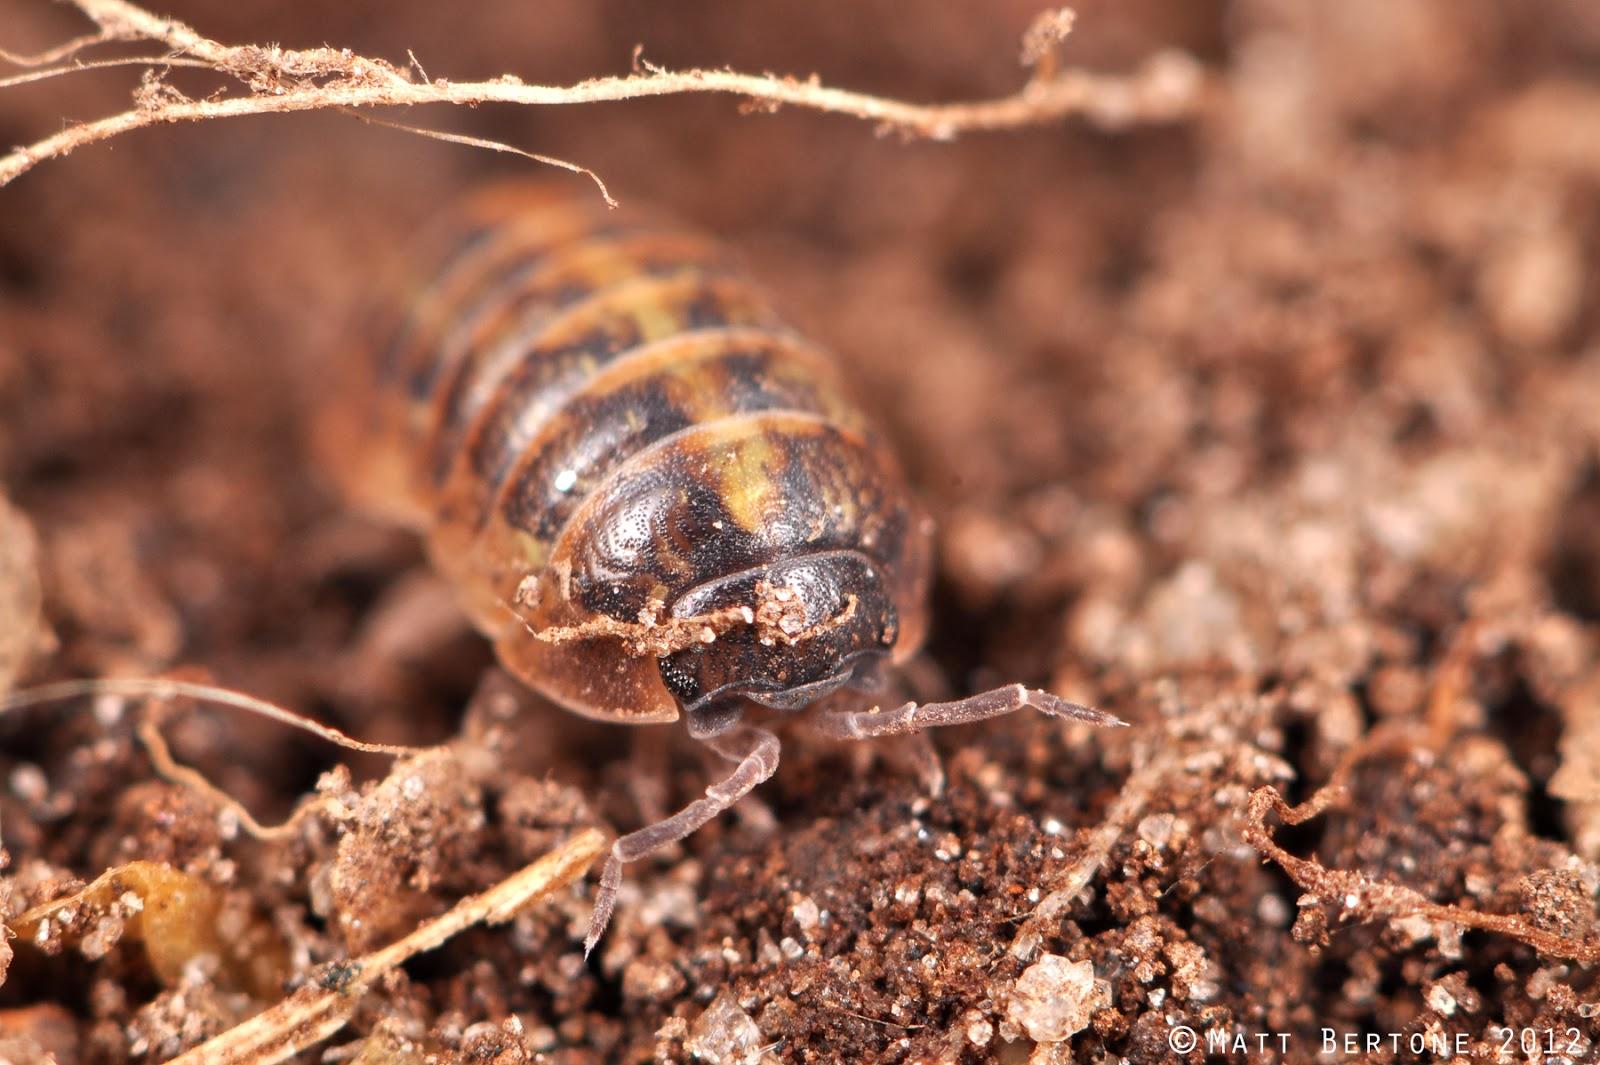 Giant Isopod Edible Isopods may nestle themselvesGiant Isopod Edible